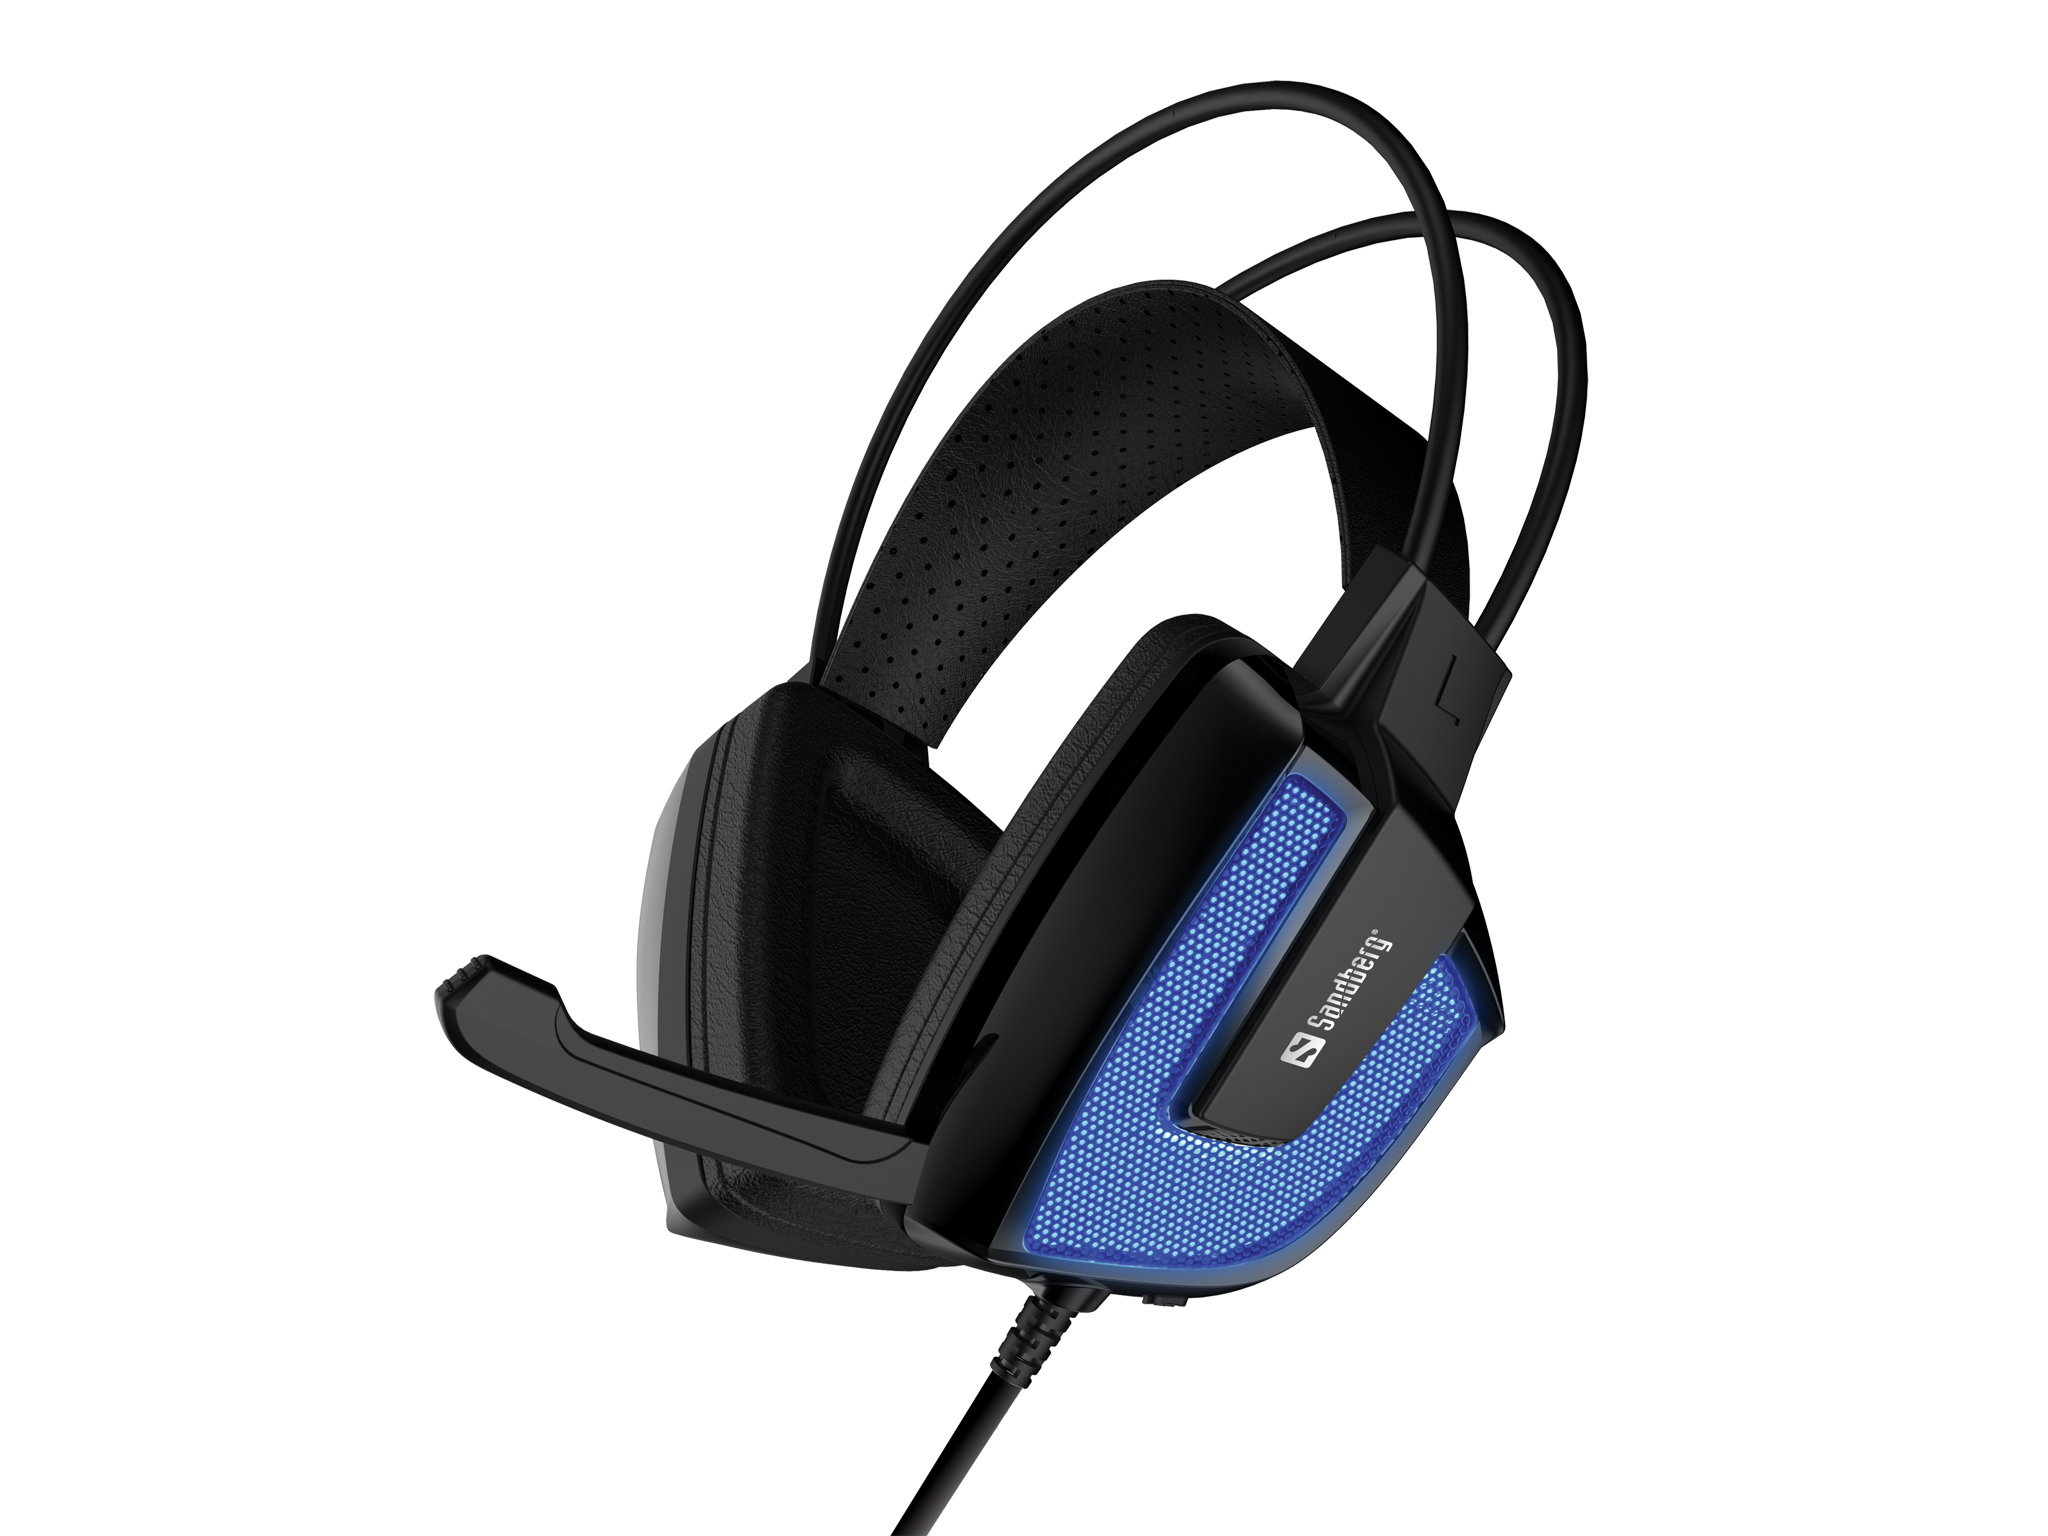 Derecho Headset